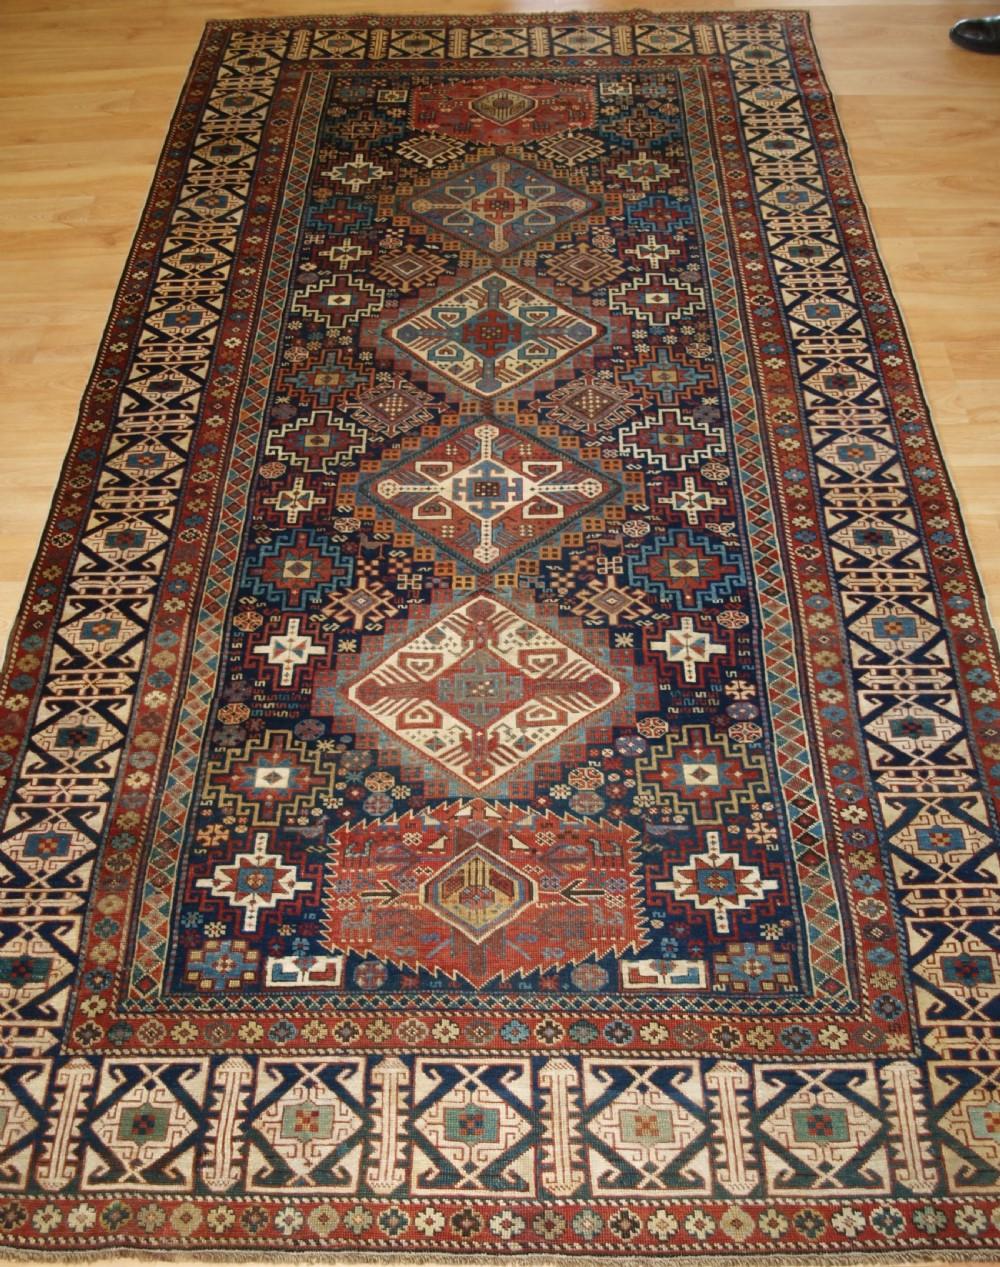 antique caucasian shirvan rug superb design with kufic border circa 1880